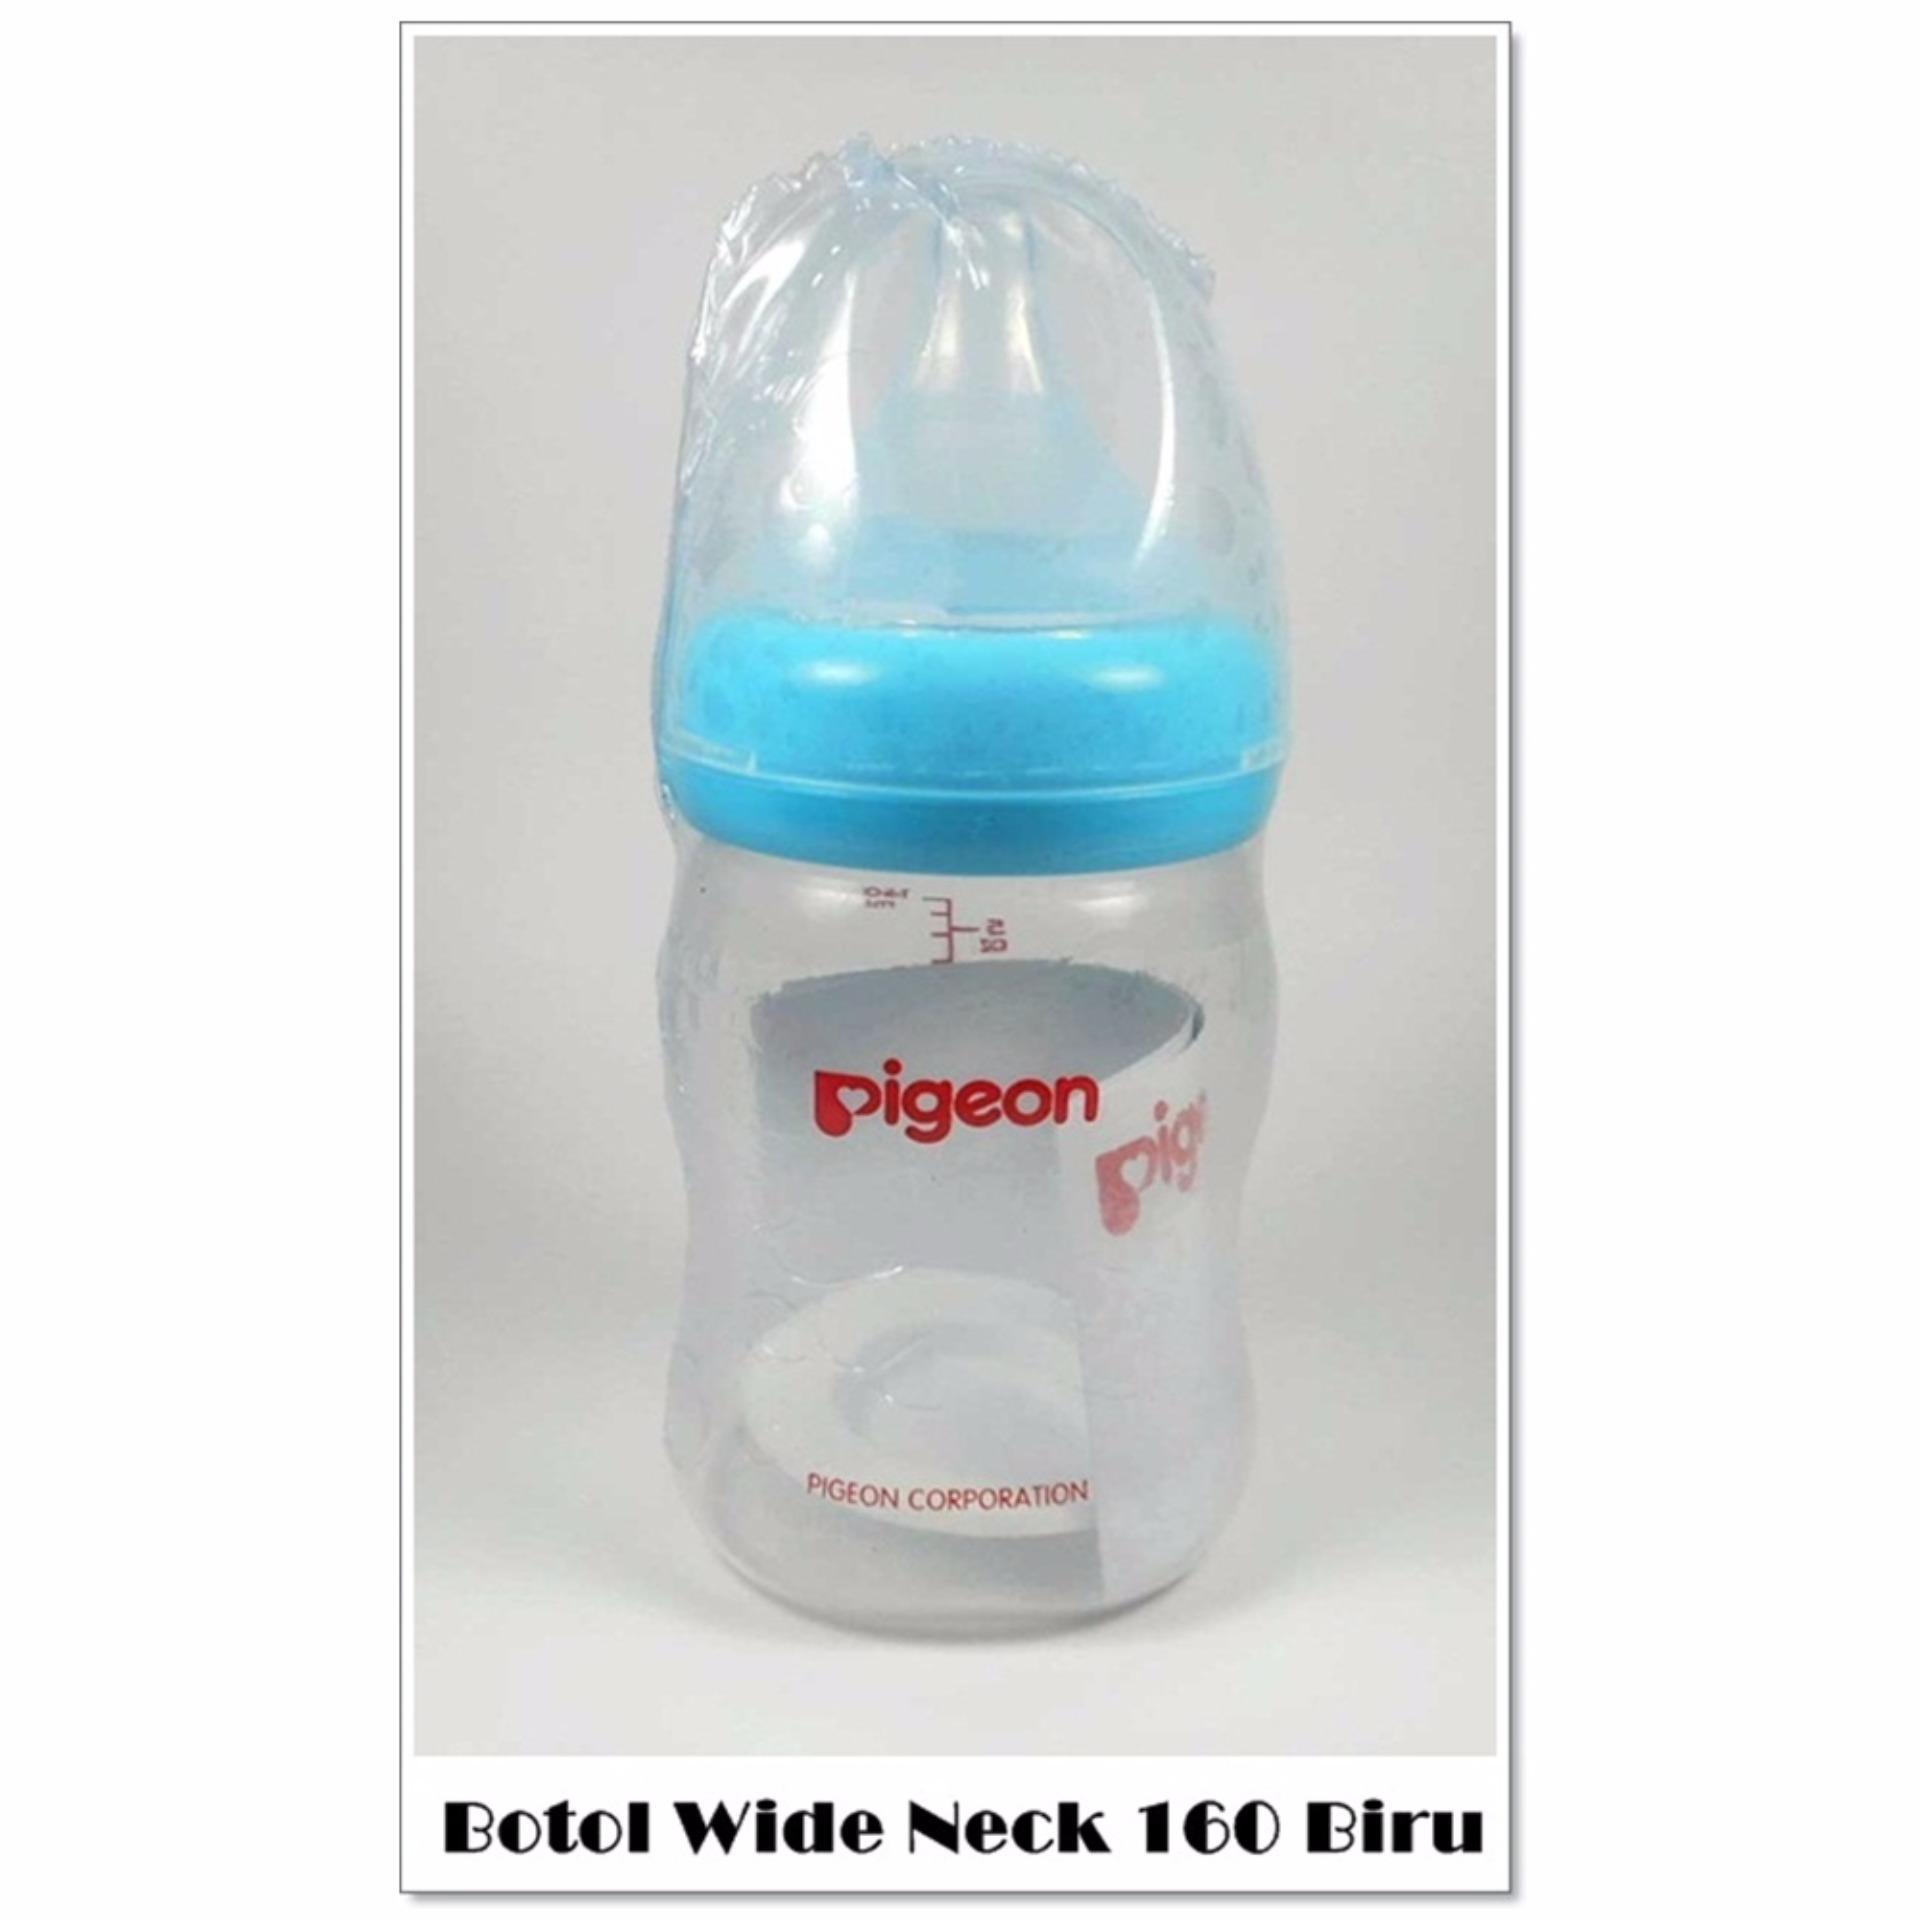 Katalog Pigeon Botol Wide Neck 160 Ml Botol Susu Bayi Warna Biru Pigeon Terbaru